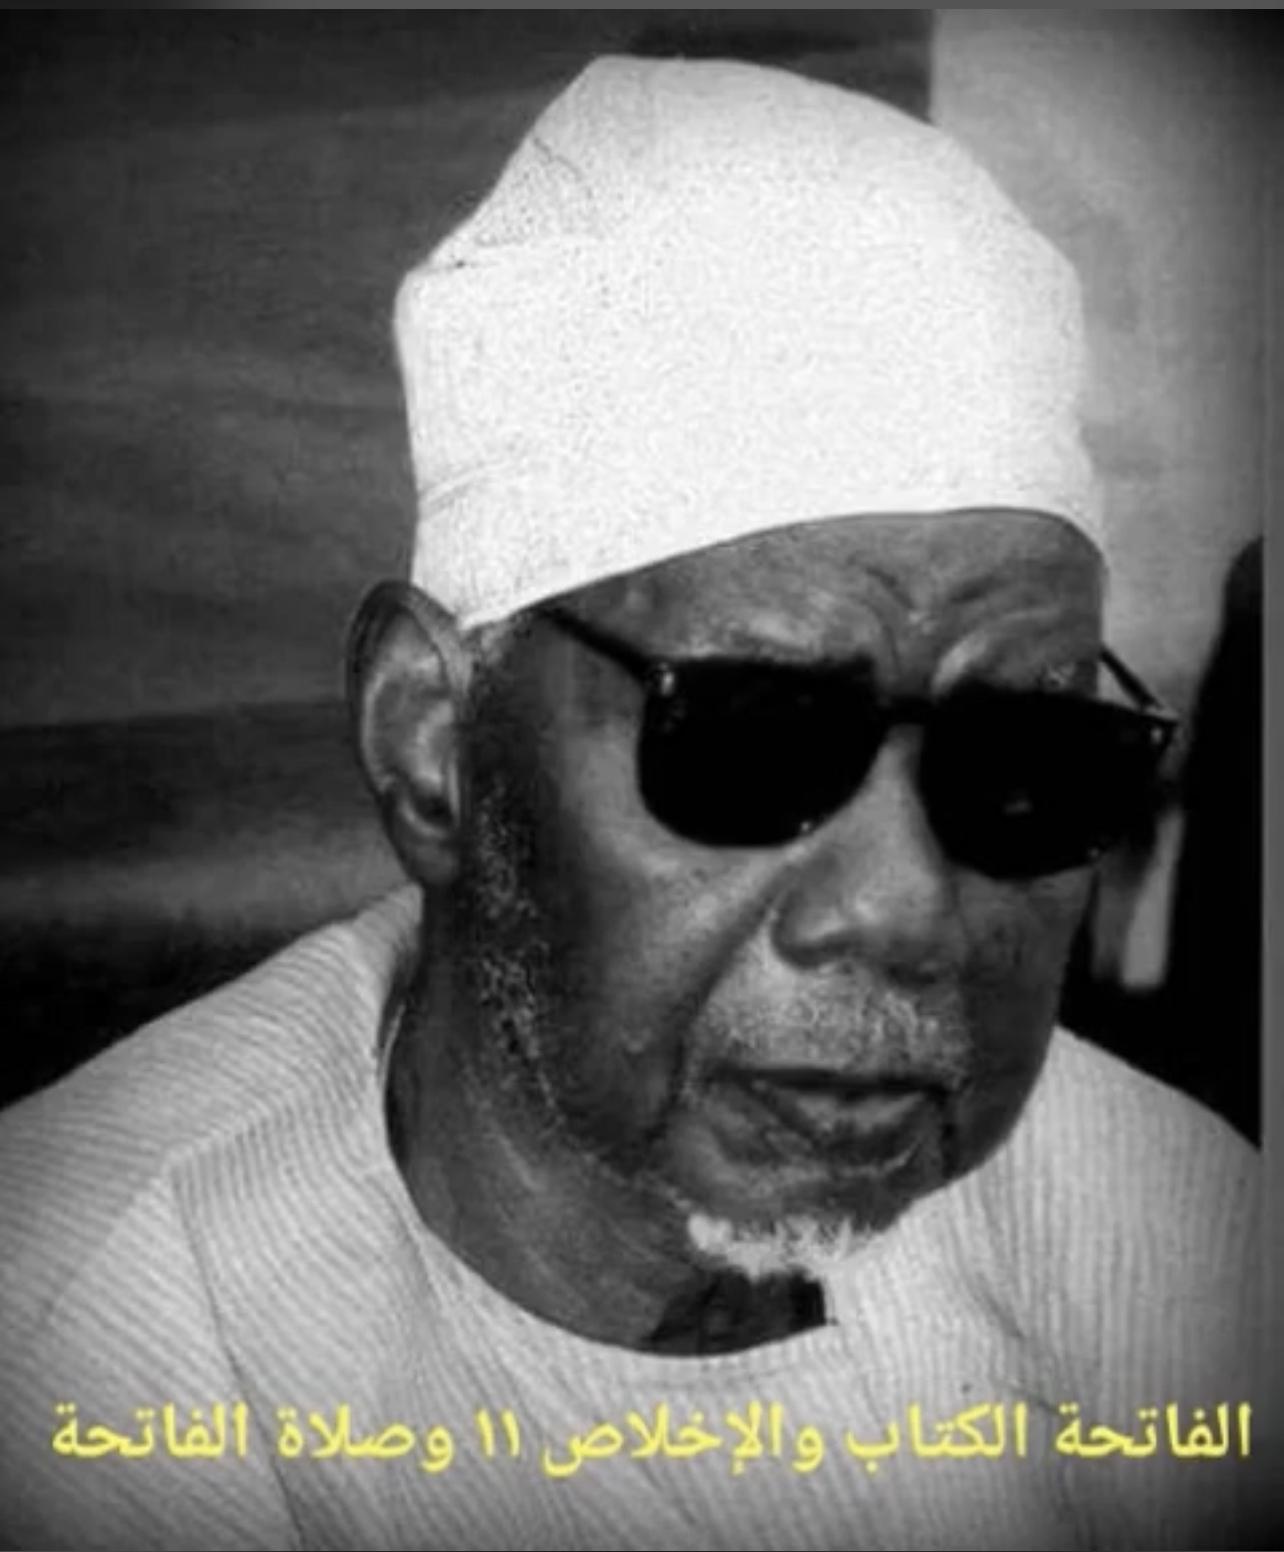 24ème anniversaire du décès de Dabakh (14 septembre 1997) : le Sénégal perdait un grand homme de cohésion sociale.